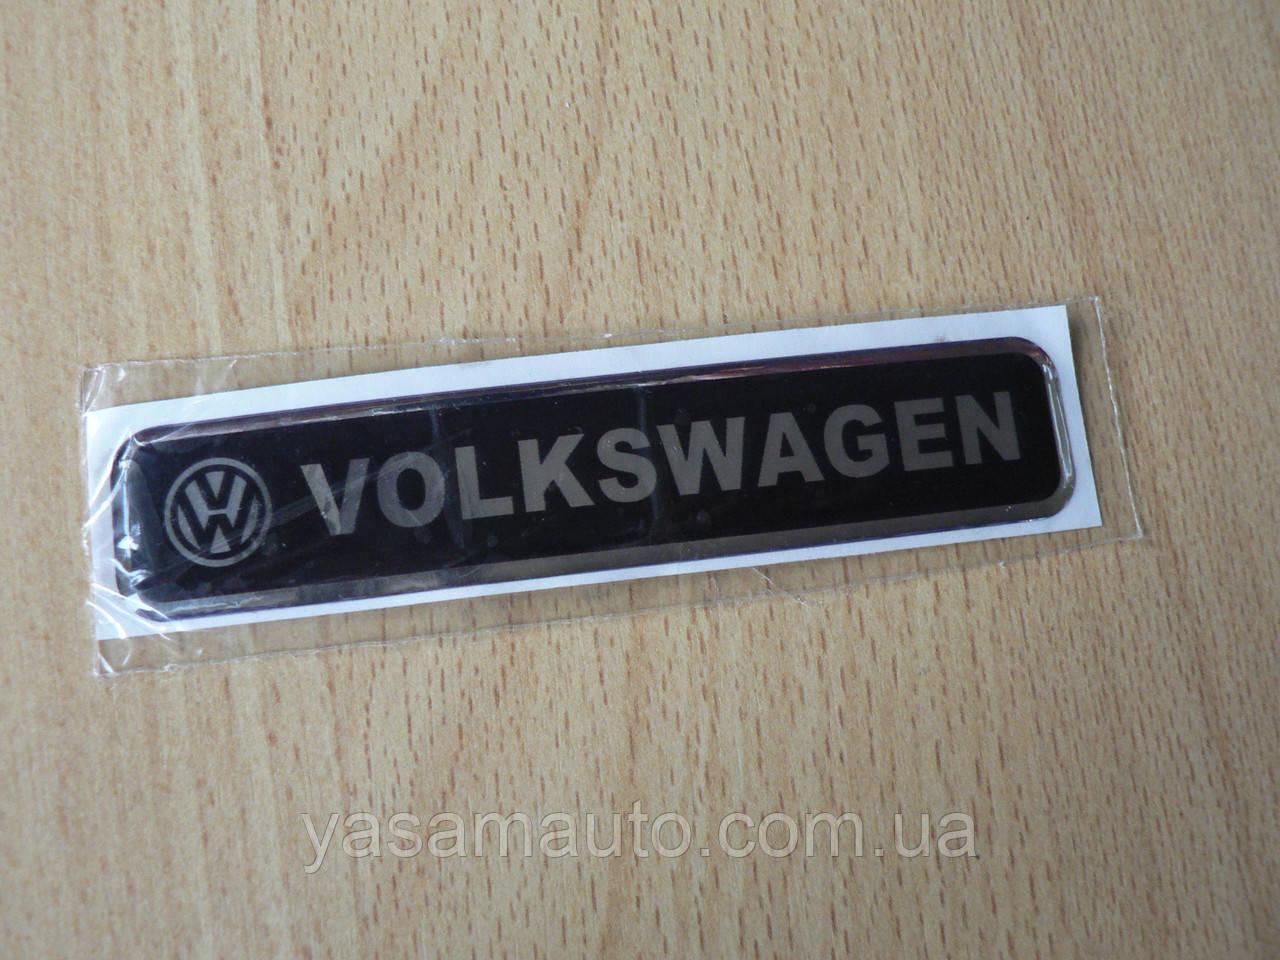 Наклейка s надпись Volkswagen 100х20х1мм силиконовая Уценка на авто эмблема логотип Волксваген